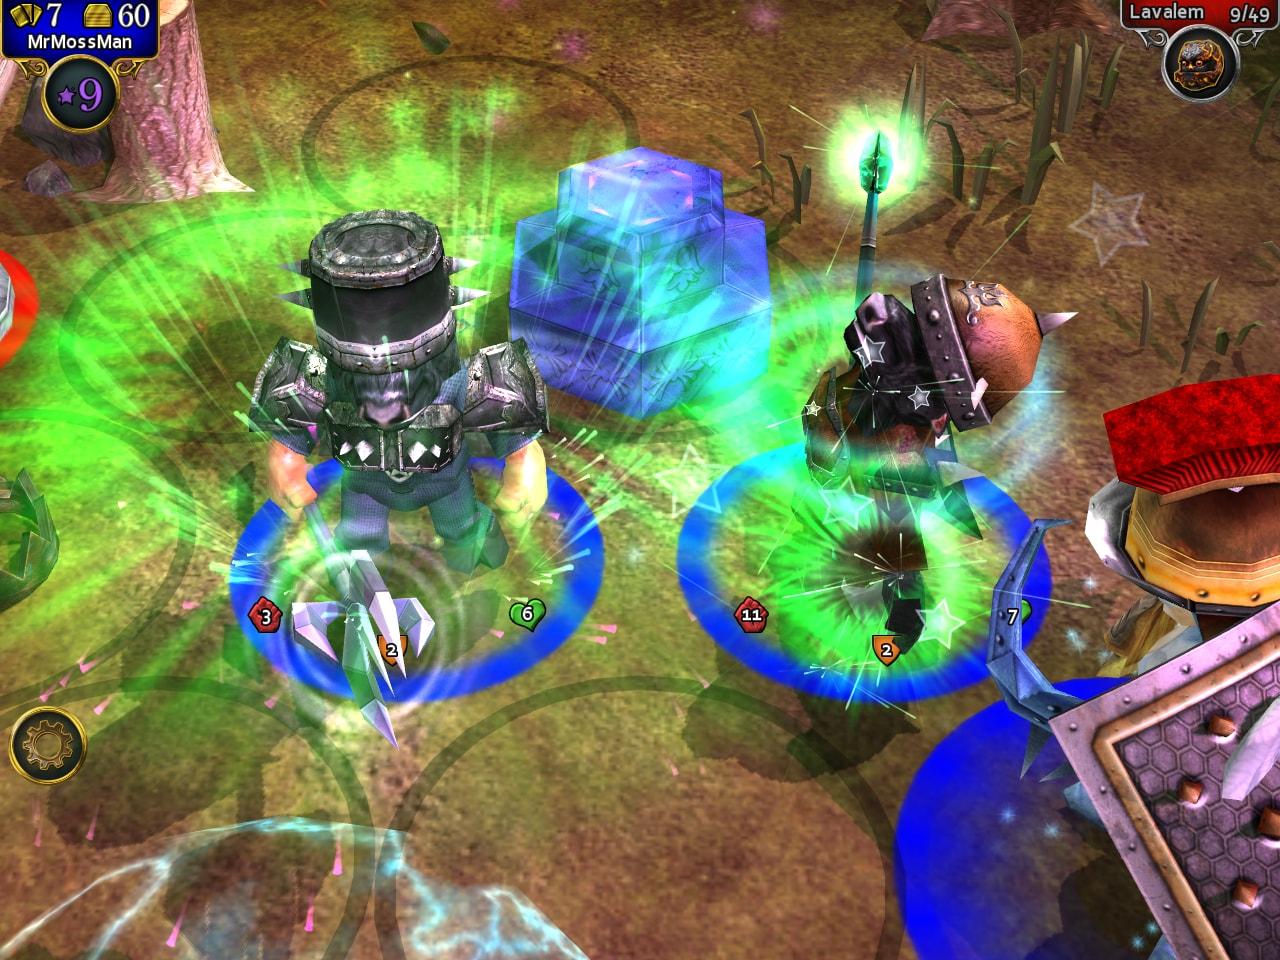 L'offensiva è spesso la miglior difesa in Combat Monsters, ma è anche molto importante potenziare l'eroe con cure e equipaggiamento.